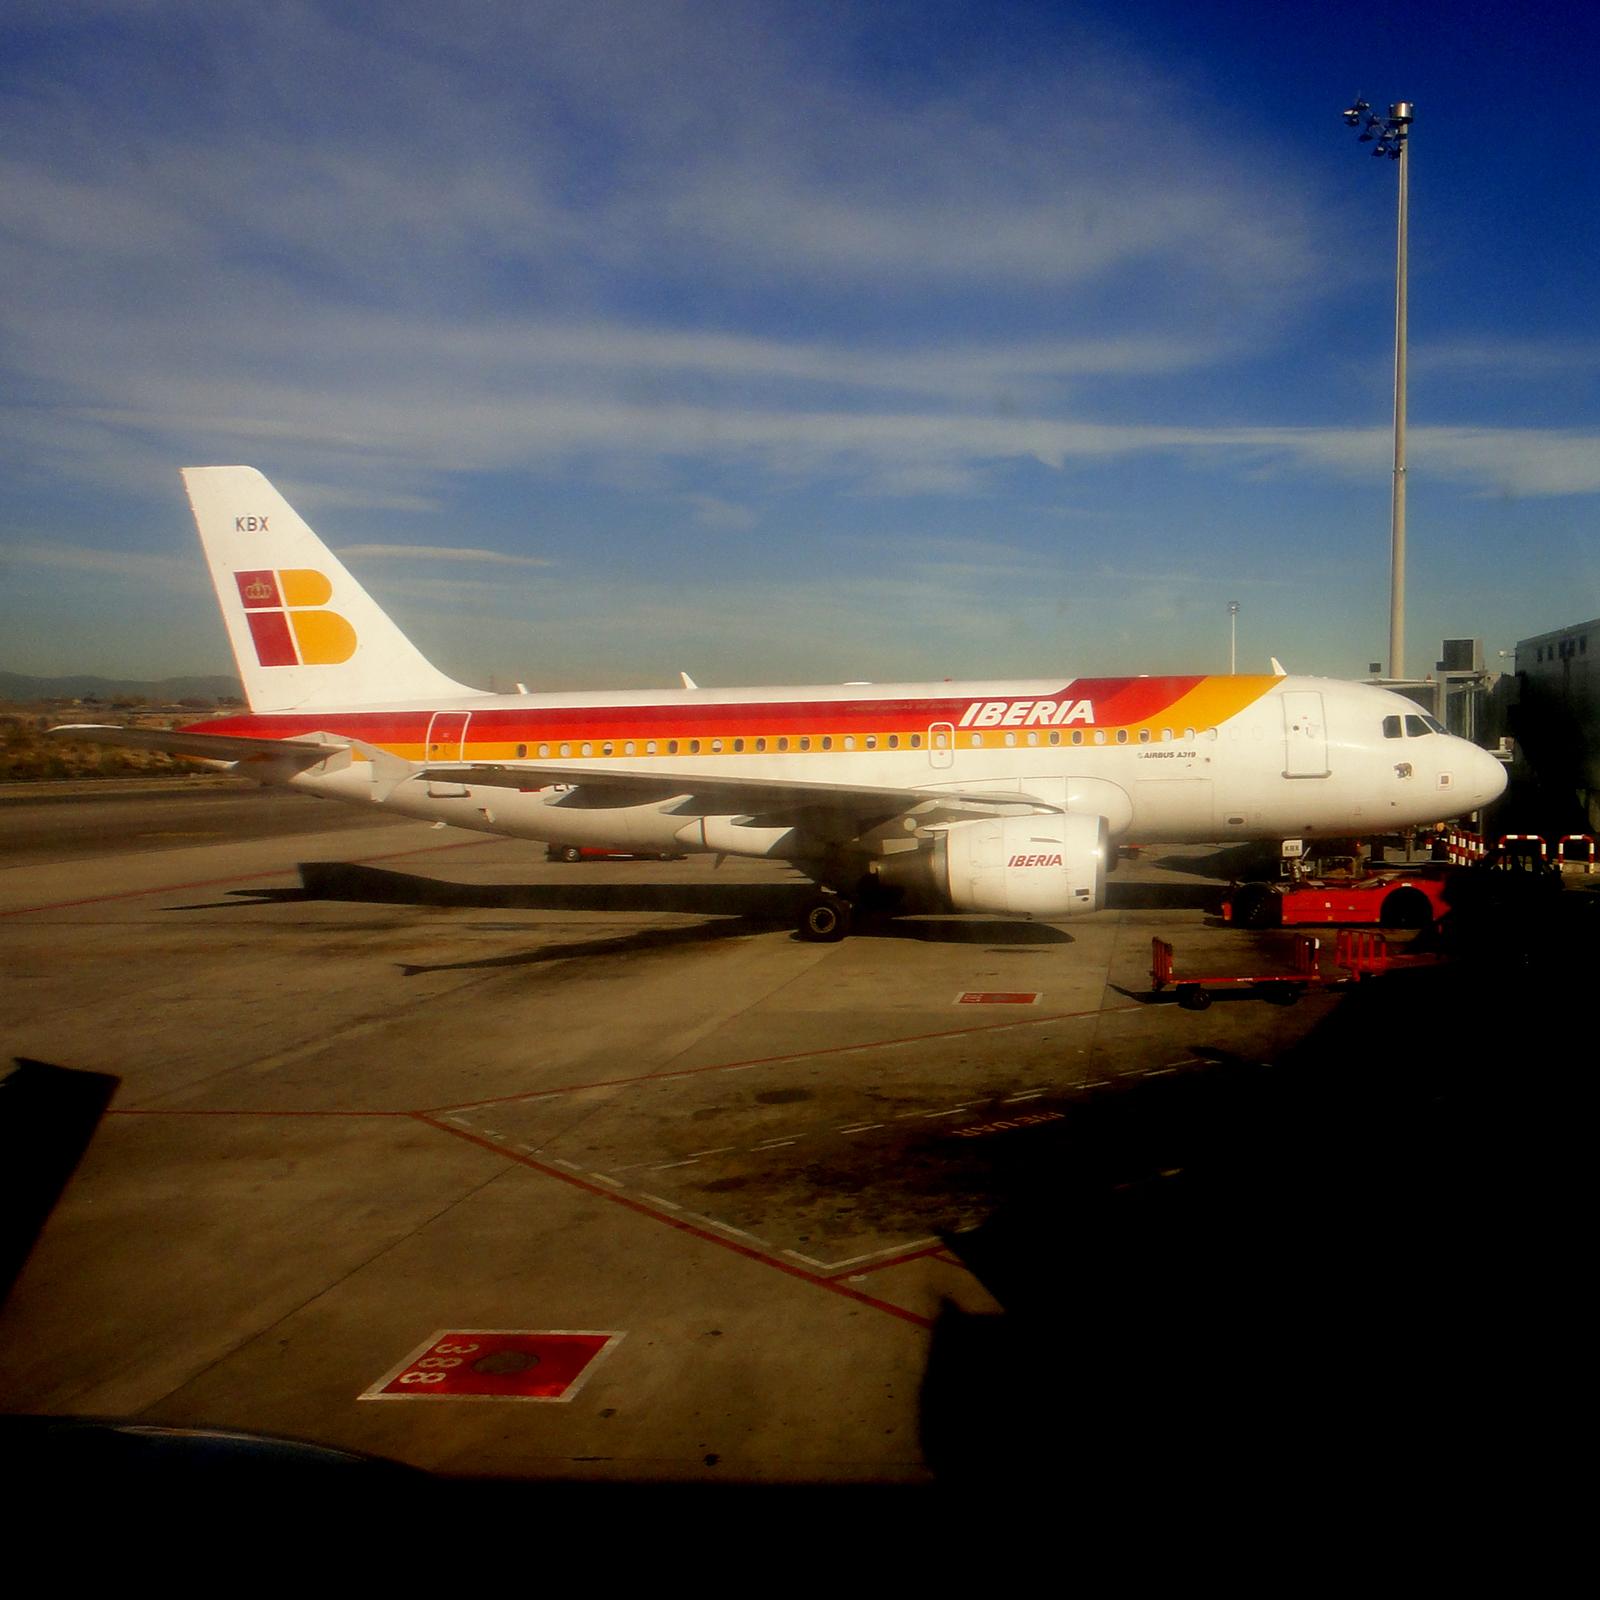 airbusa319